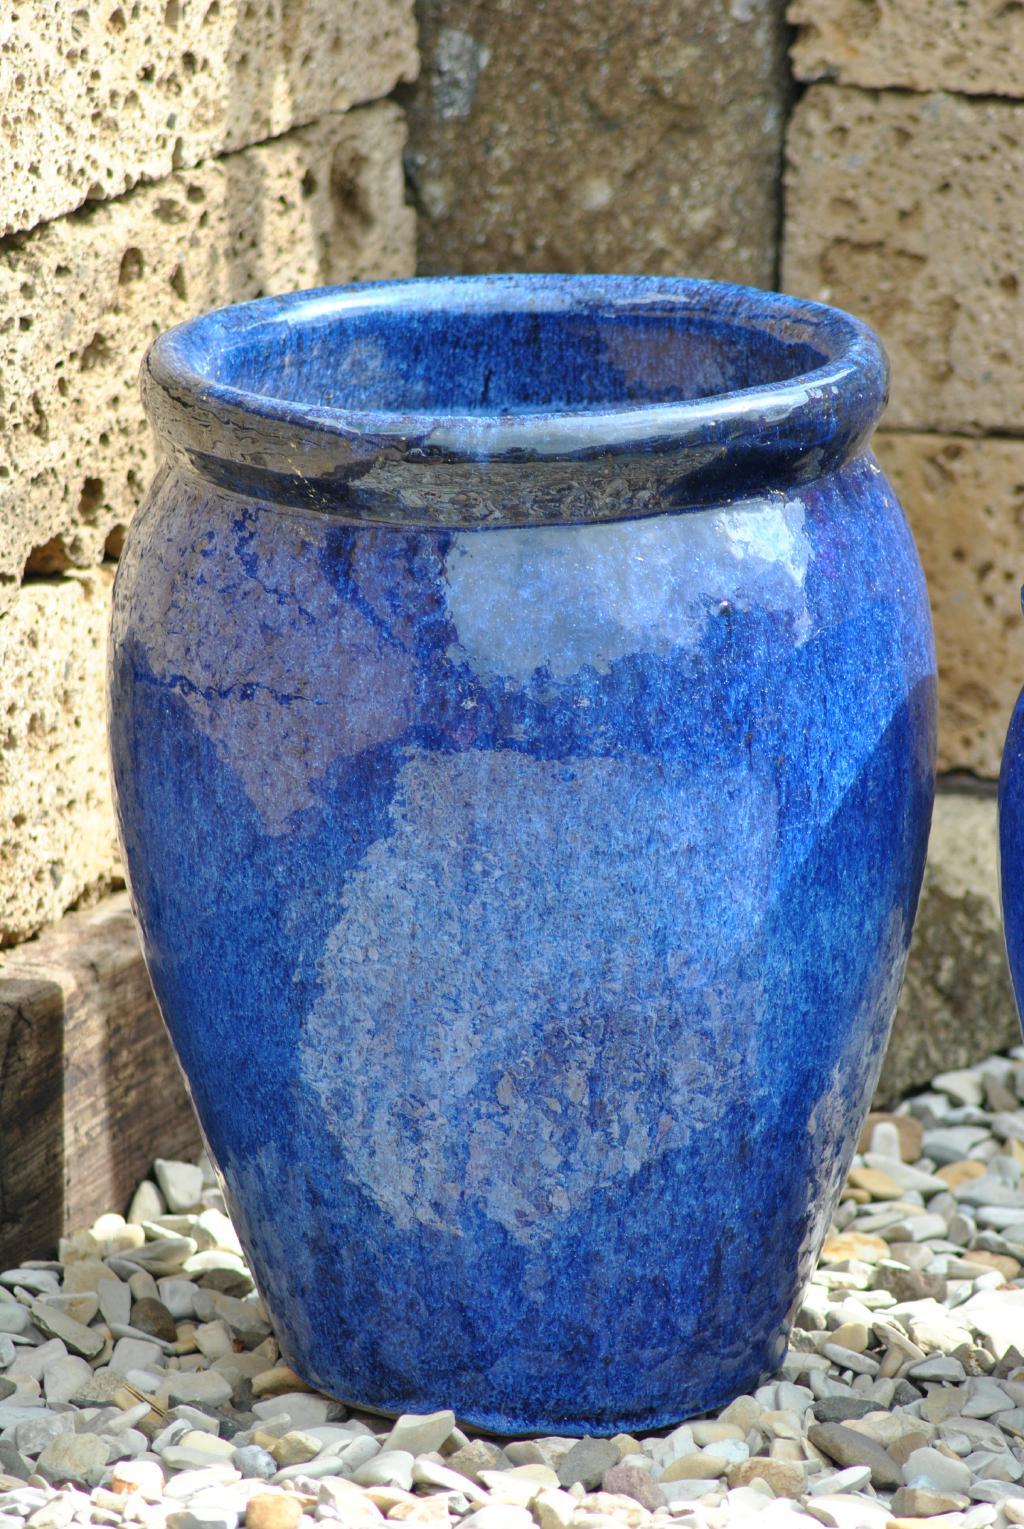 kunert keramik pflanzk bel vase blau frostfest. Black Bedroom Furniture Sets. Home Design Ideas